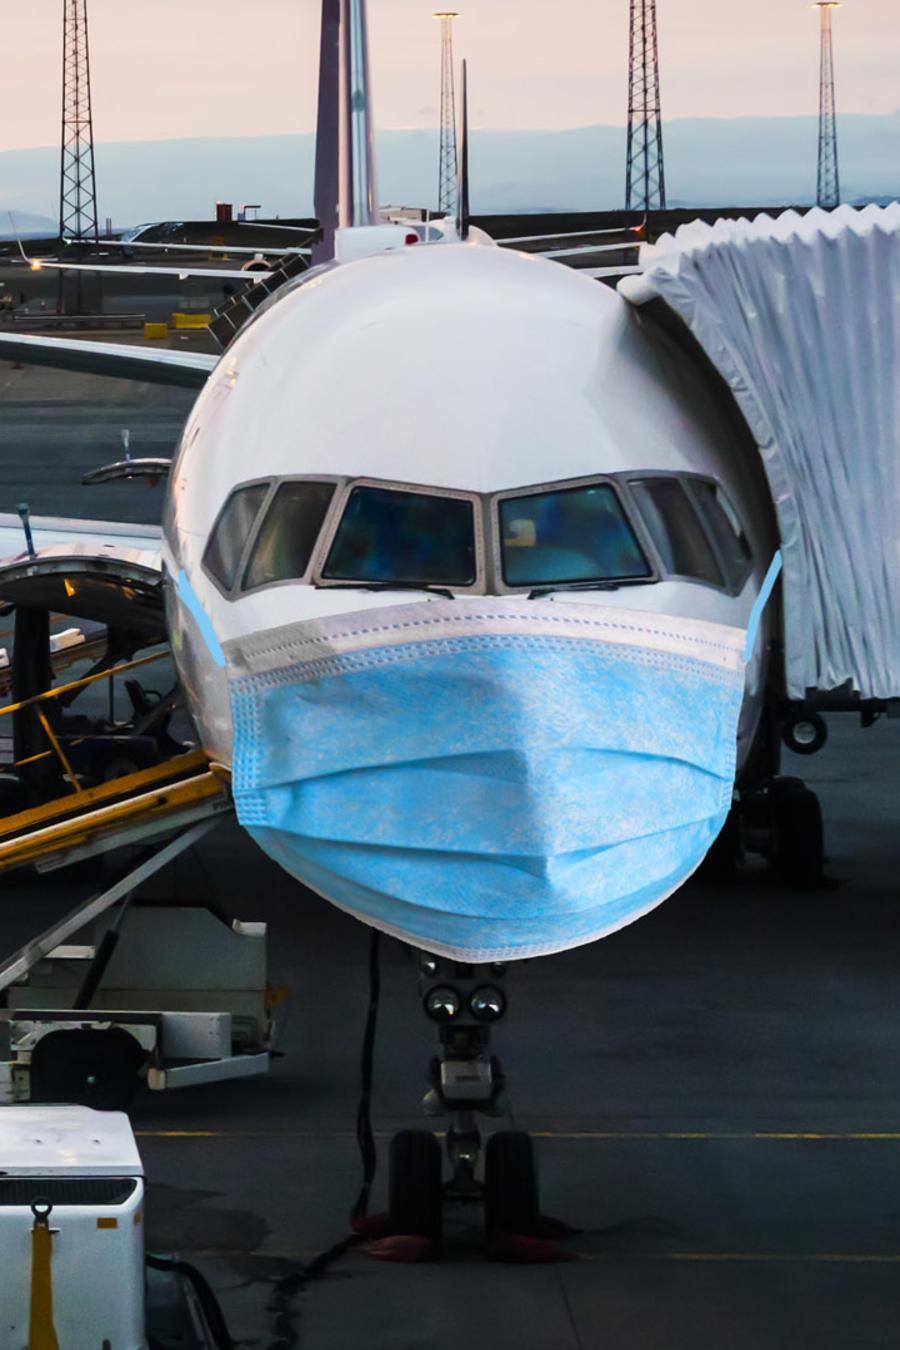 Consideraciones para viajar en avión durante la pandemia por COVID-19